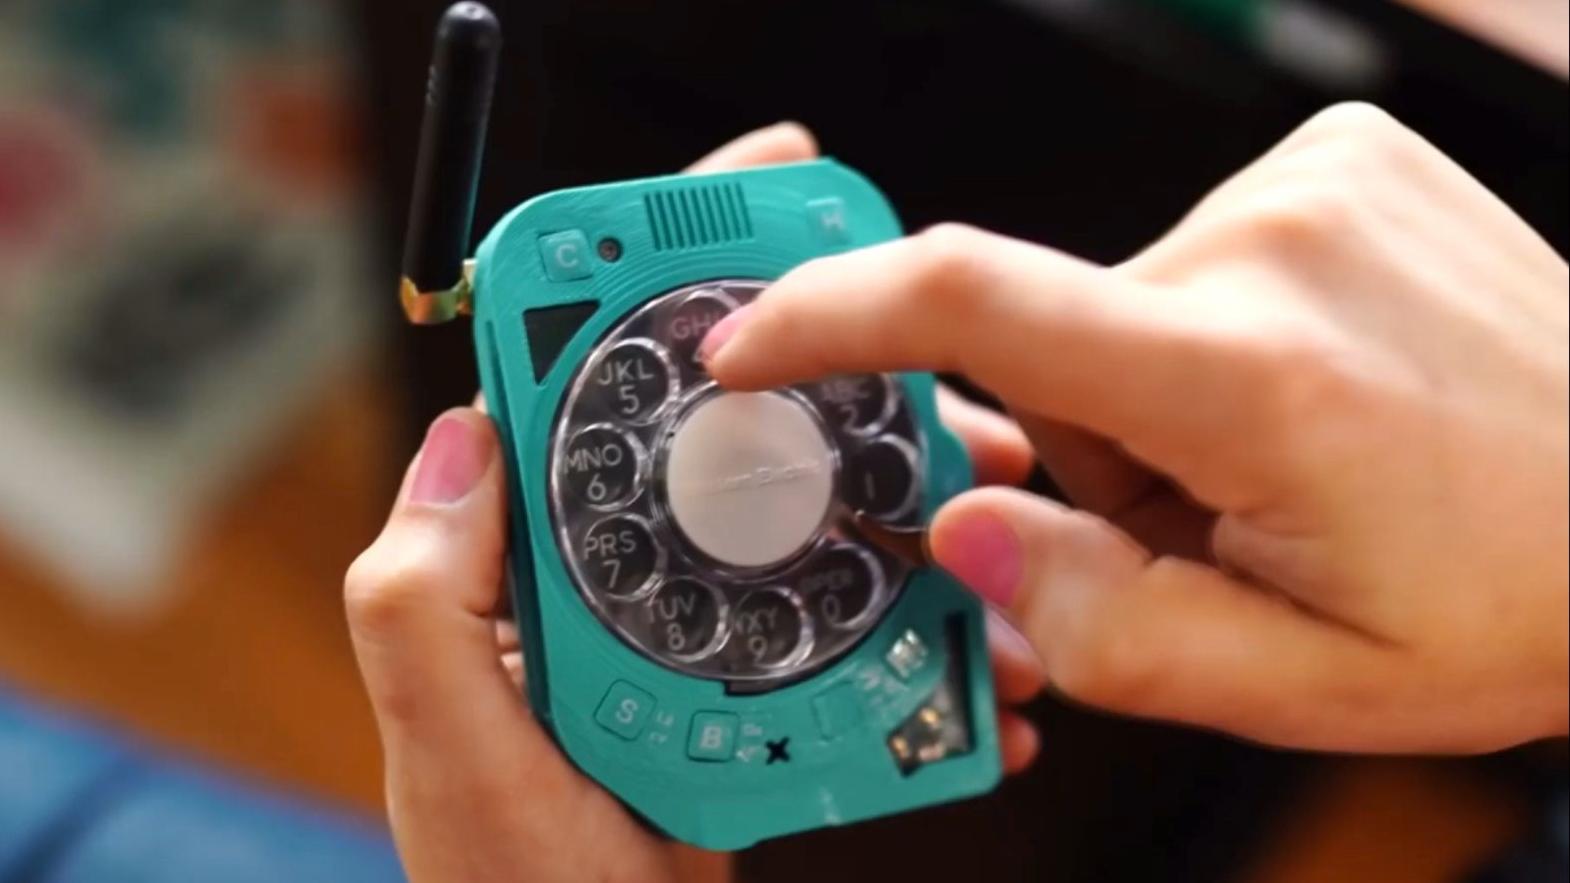 """""""反智能""""手机来了,专戒网瘾,在这里会让你寸步难行吗"""